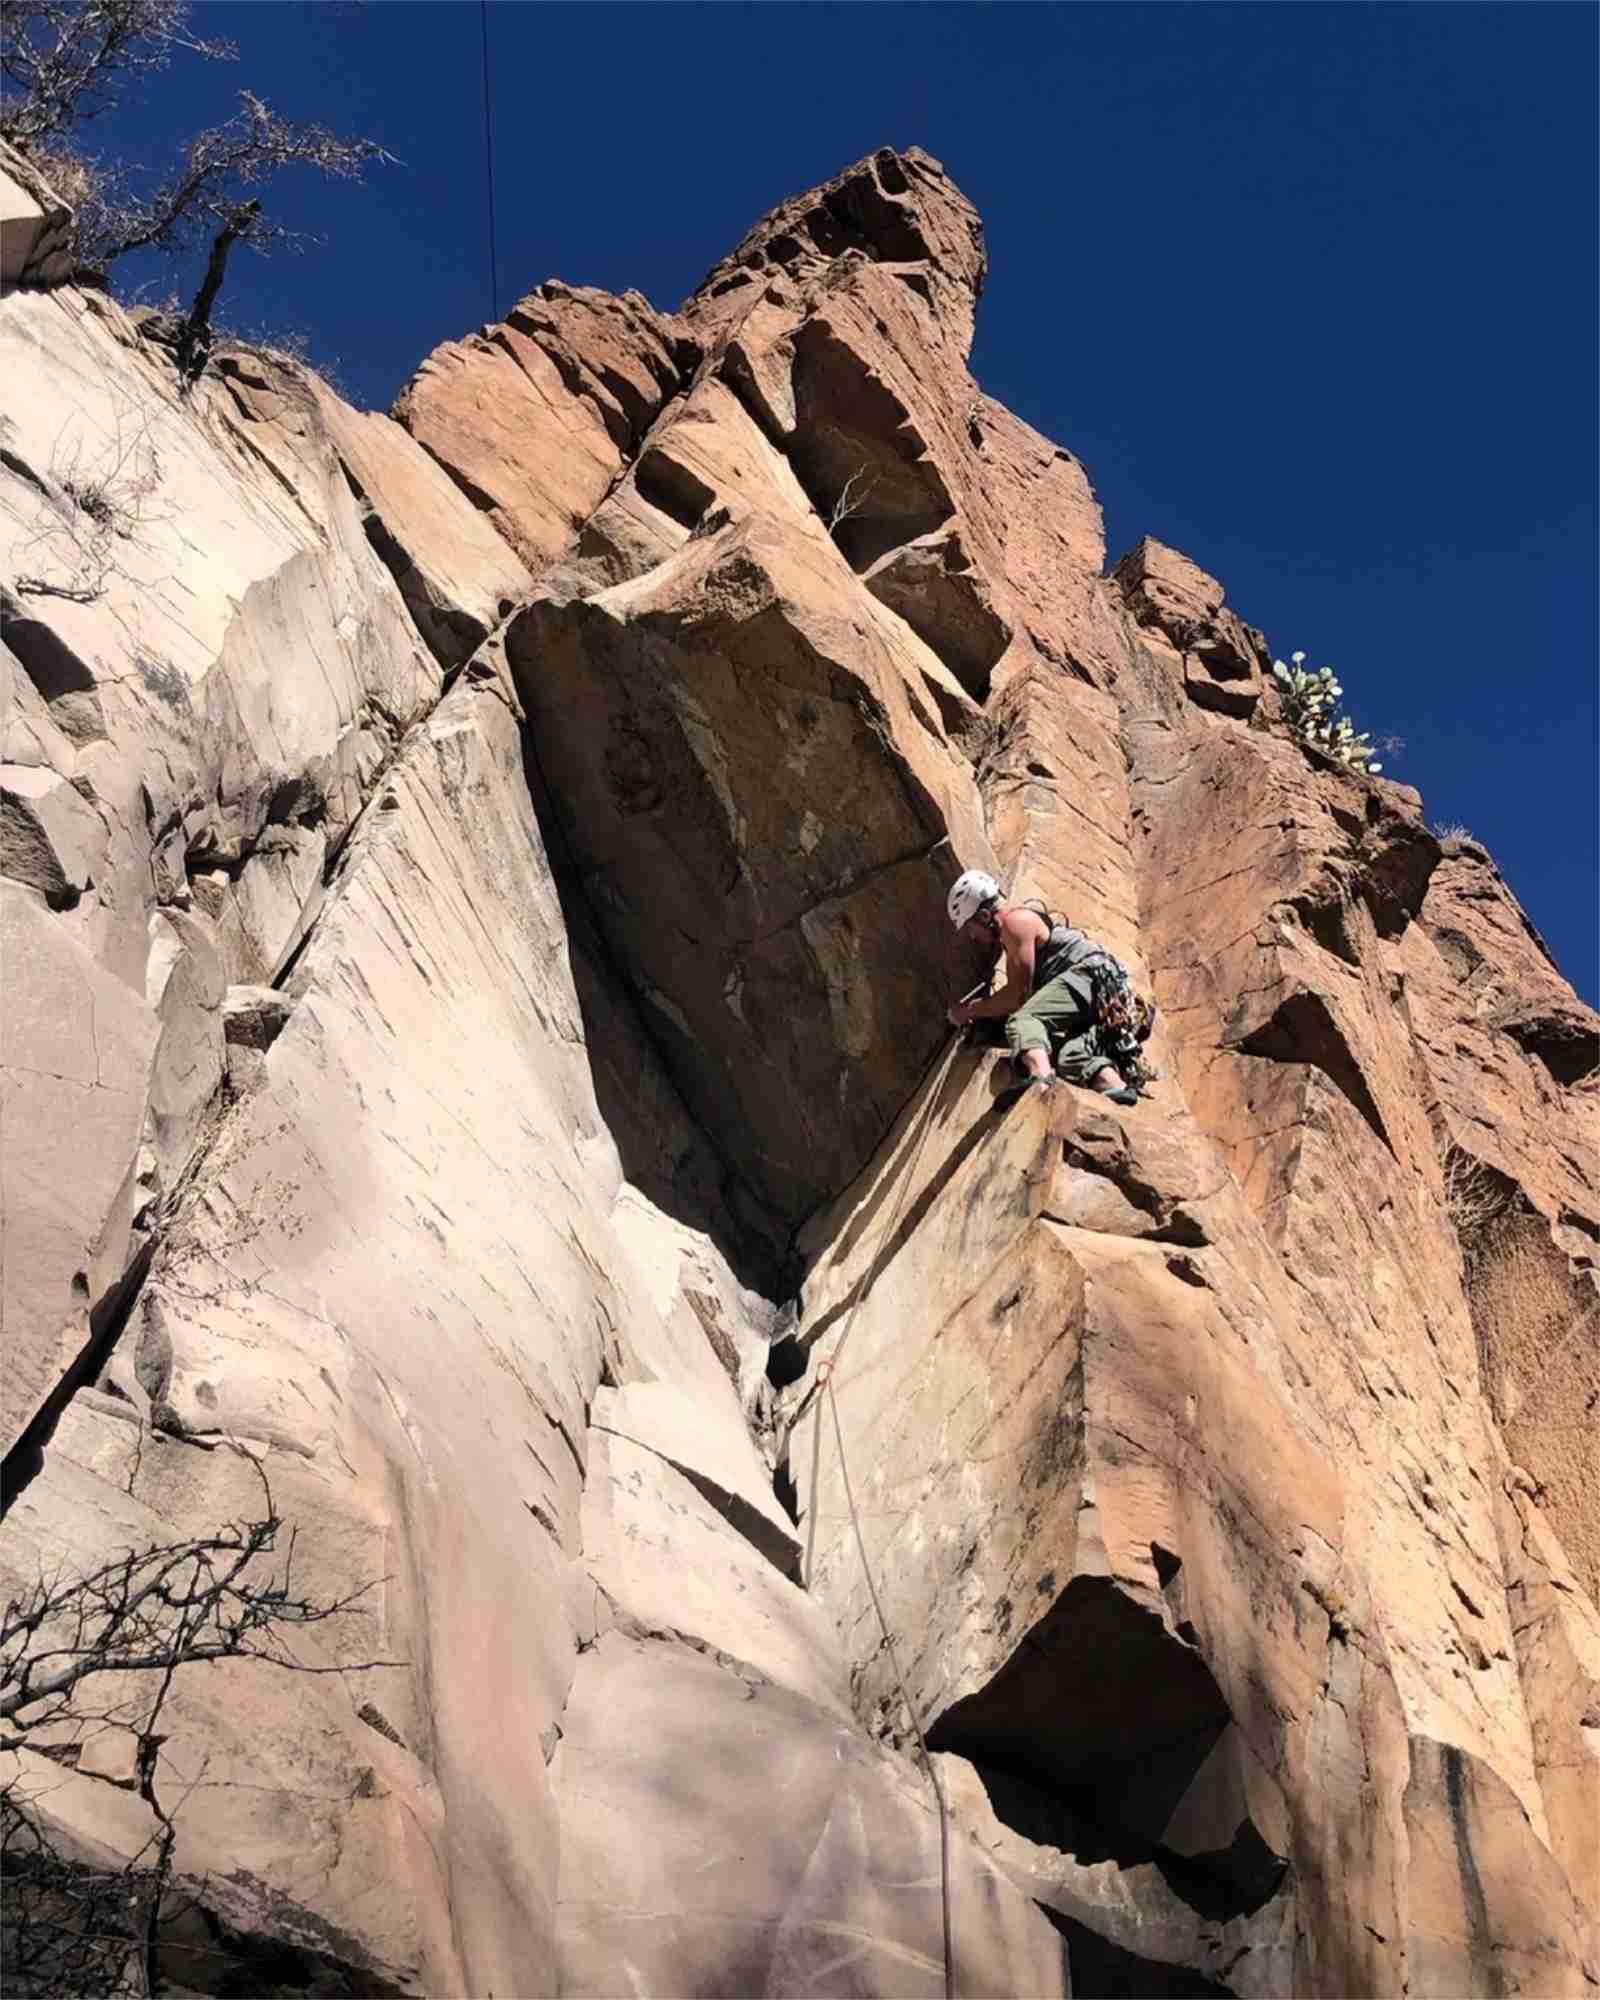 Lead climbing on Barbershop Cafe in Percha Creek